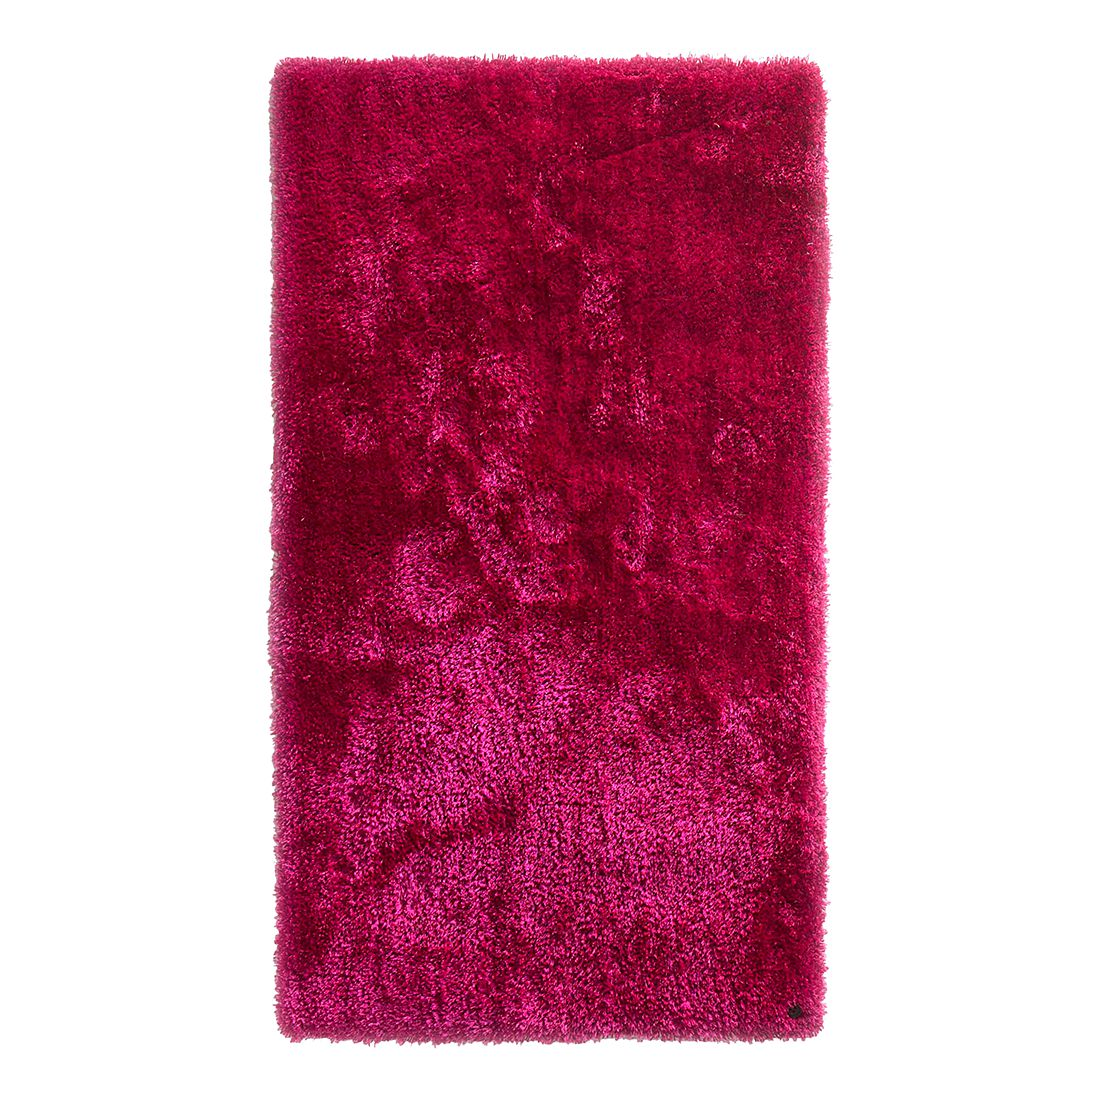 Teppich Soft Square – Pink – Maße: 190 x 290 cm, Tom Tailor jetzt bestellen